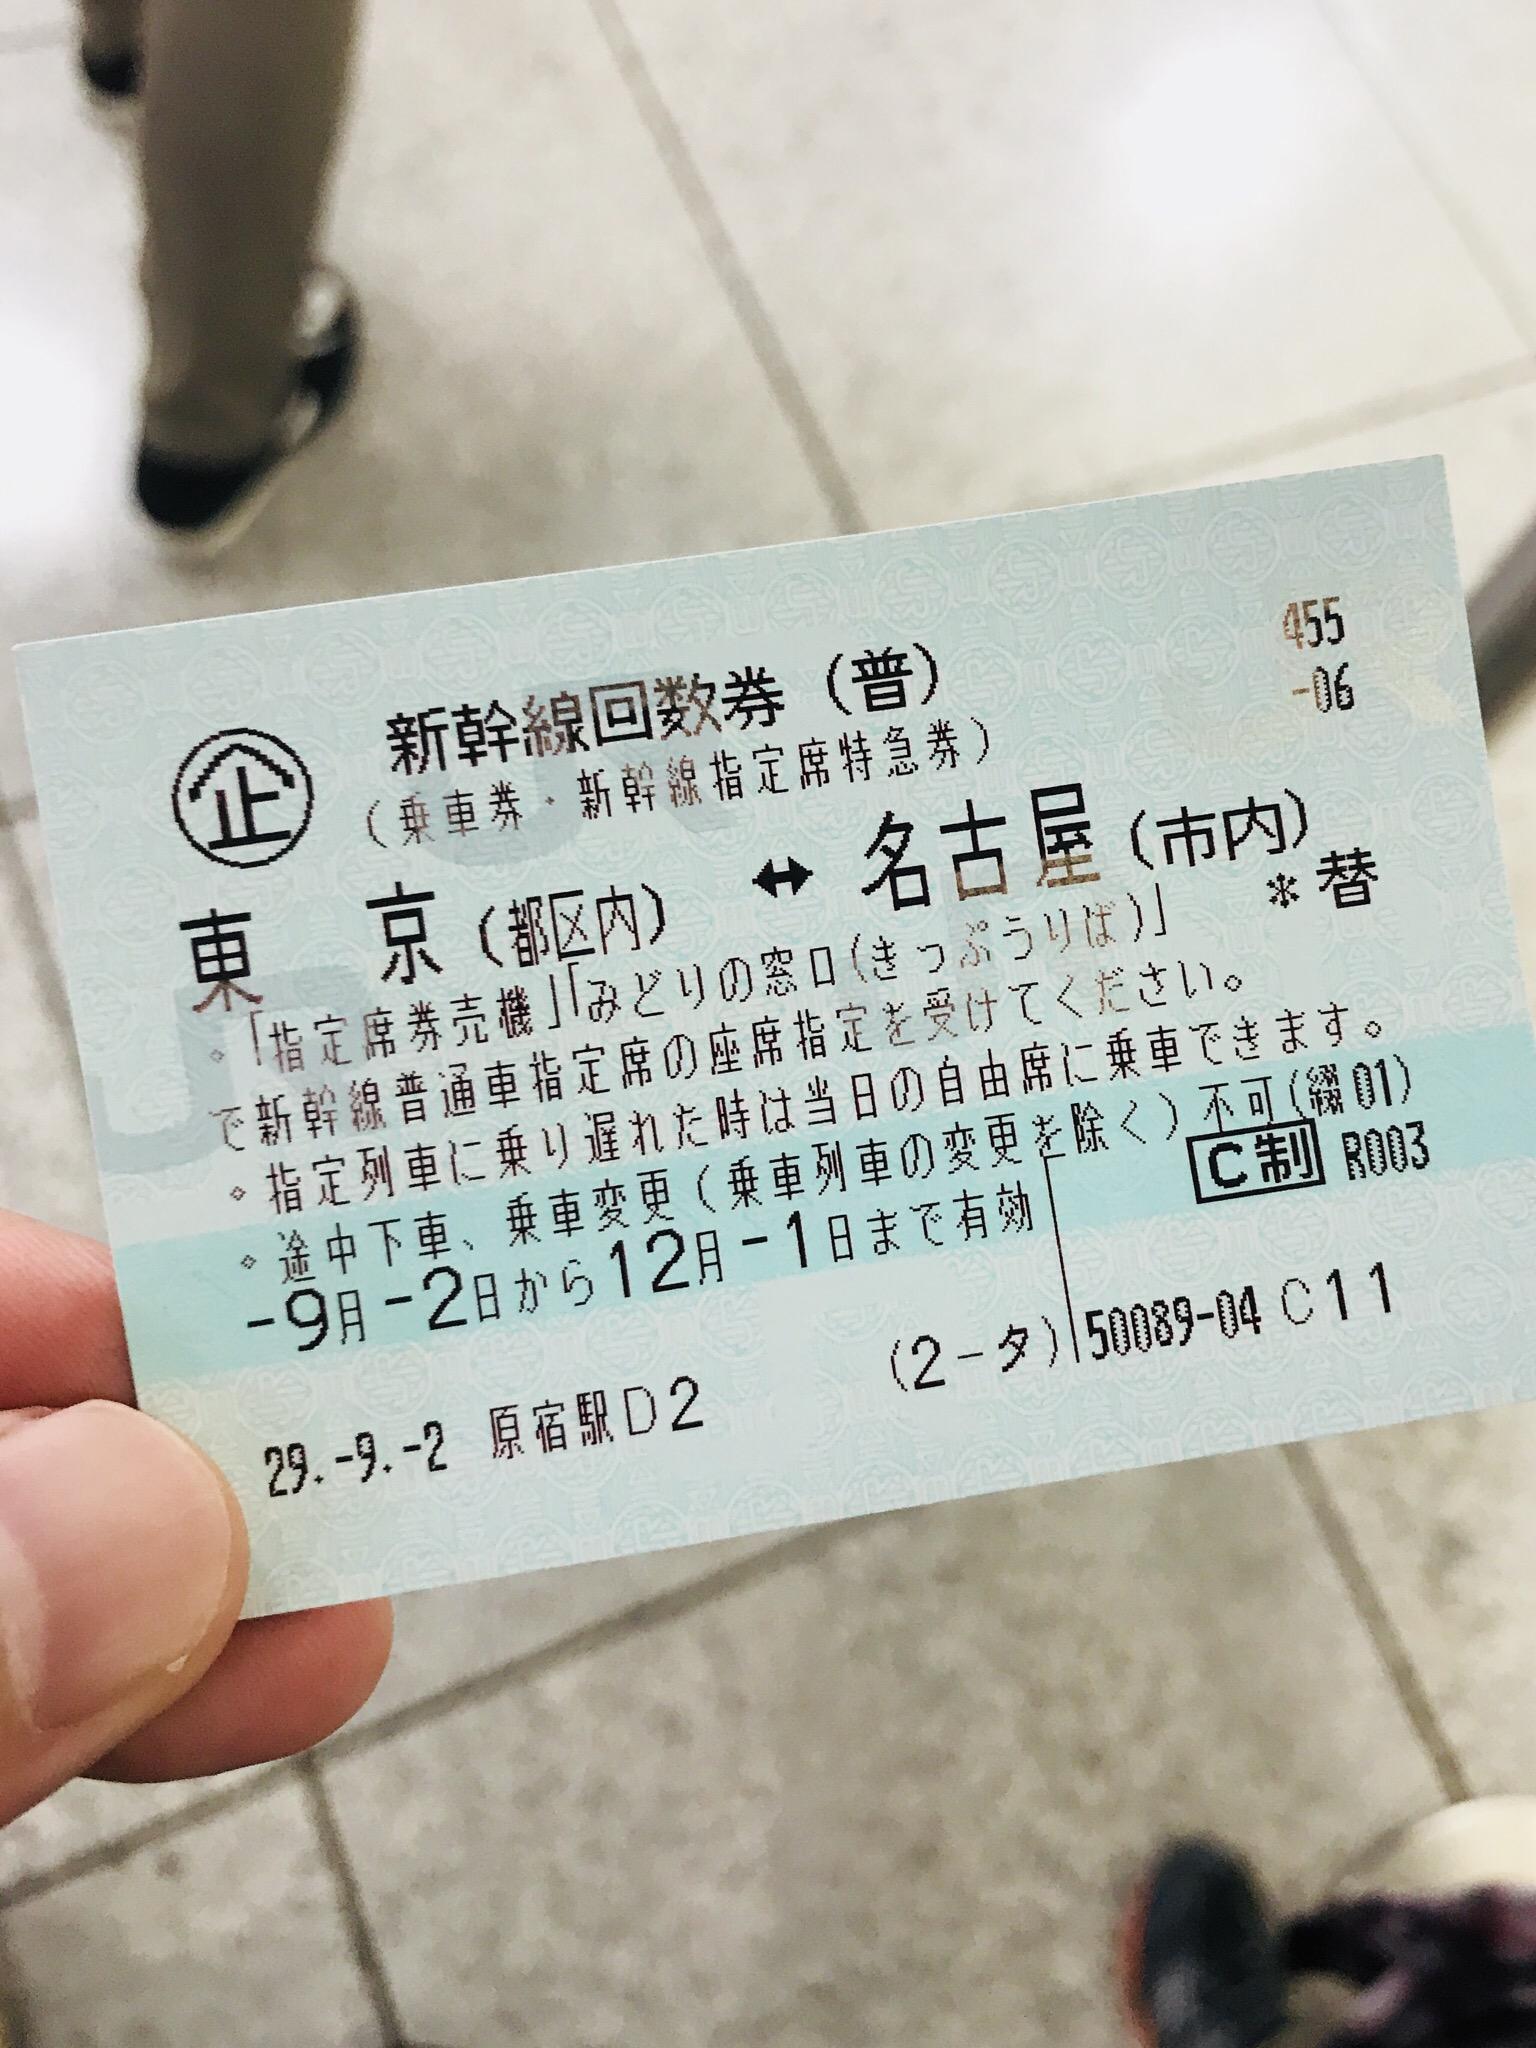 新幹線 回数 券 指定 席 予約